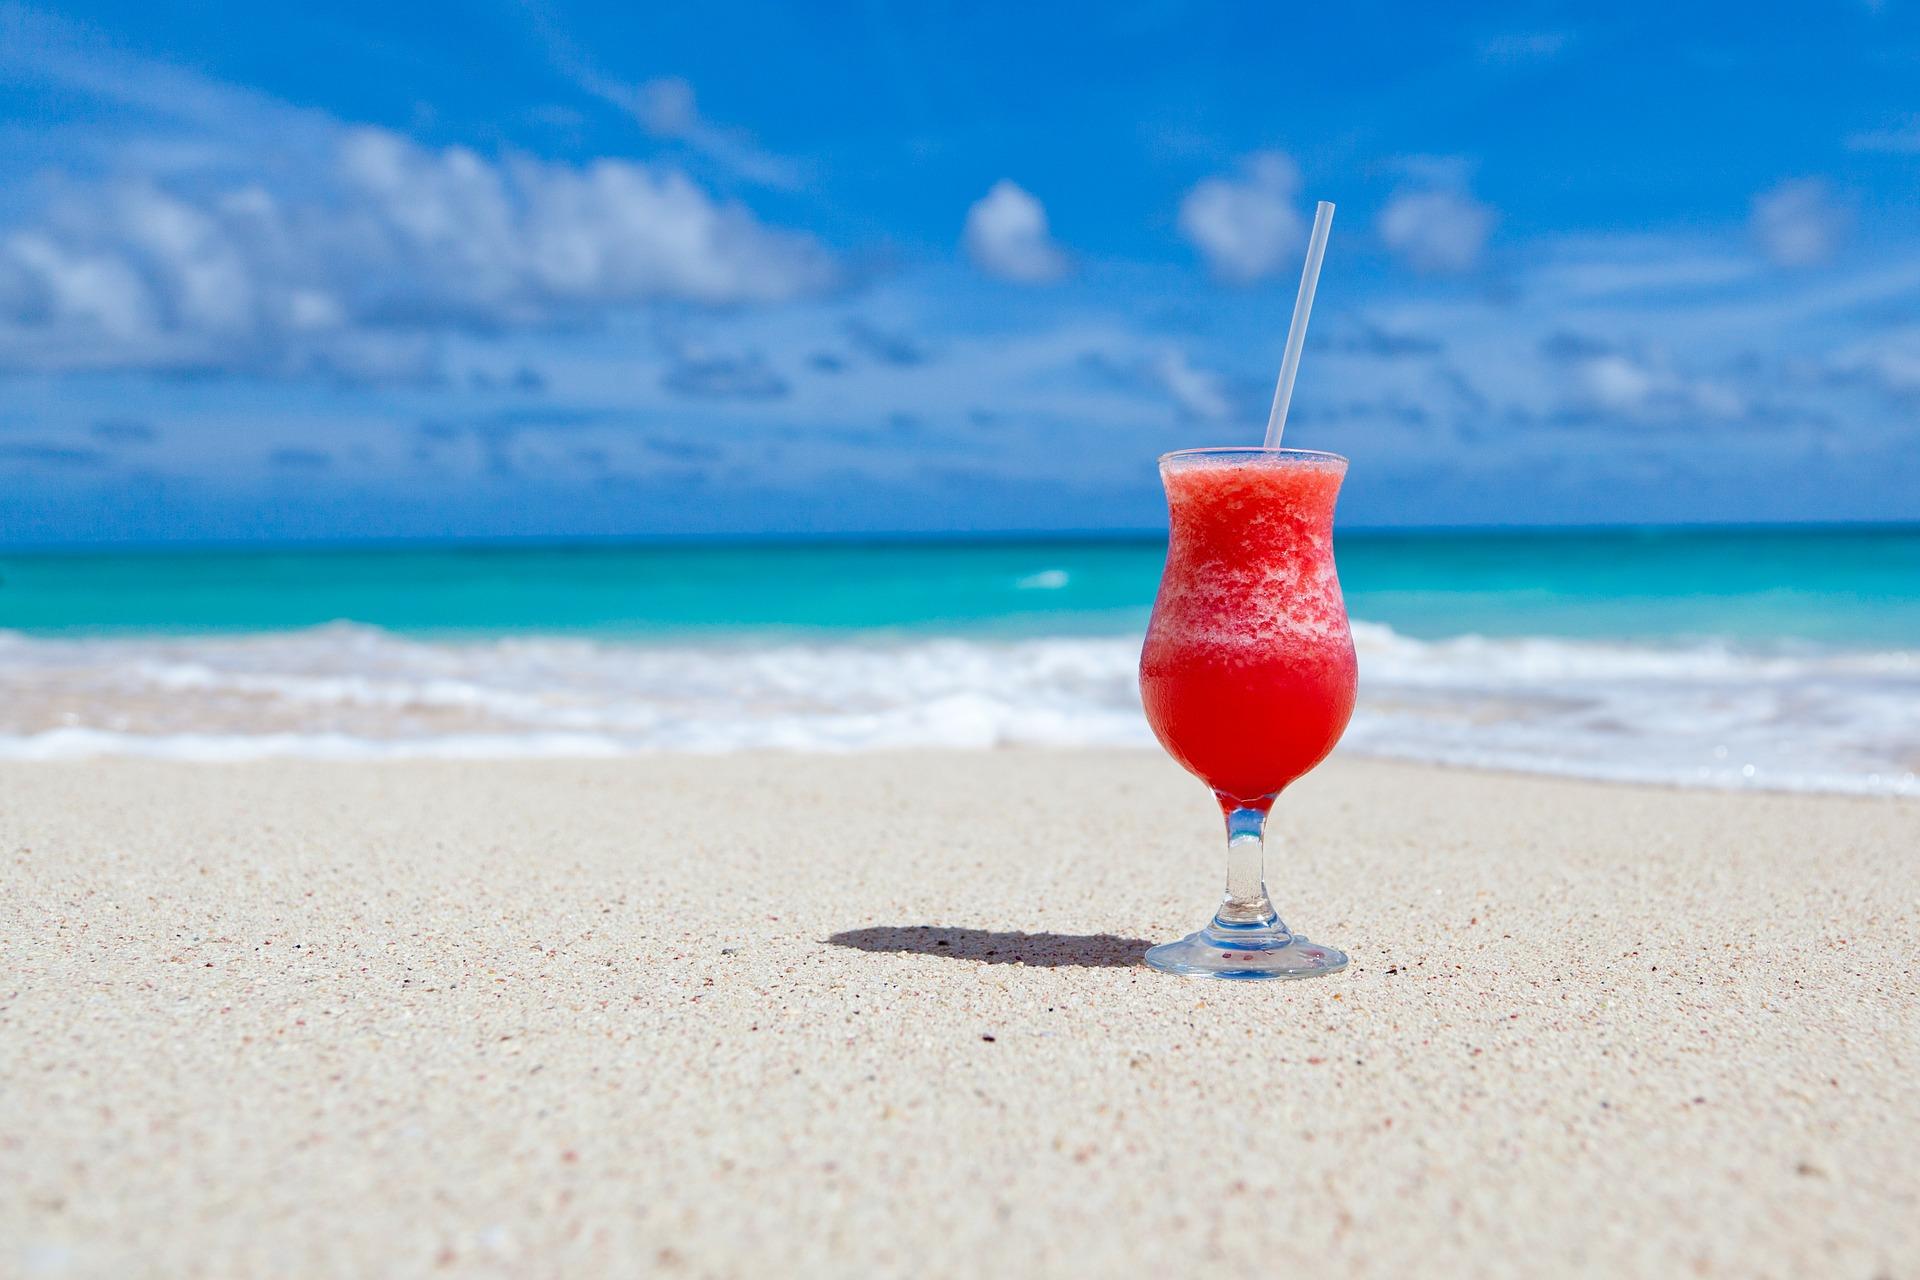 Vacances pas cher : Où et quand partir pour payer moins cher ?